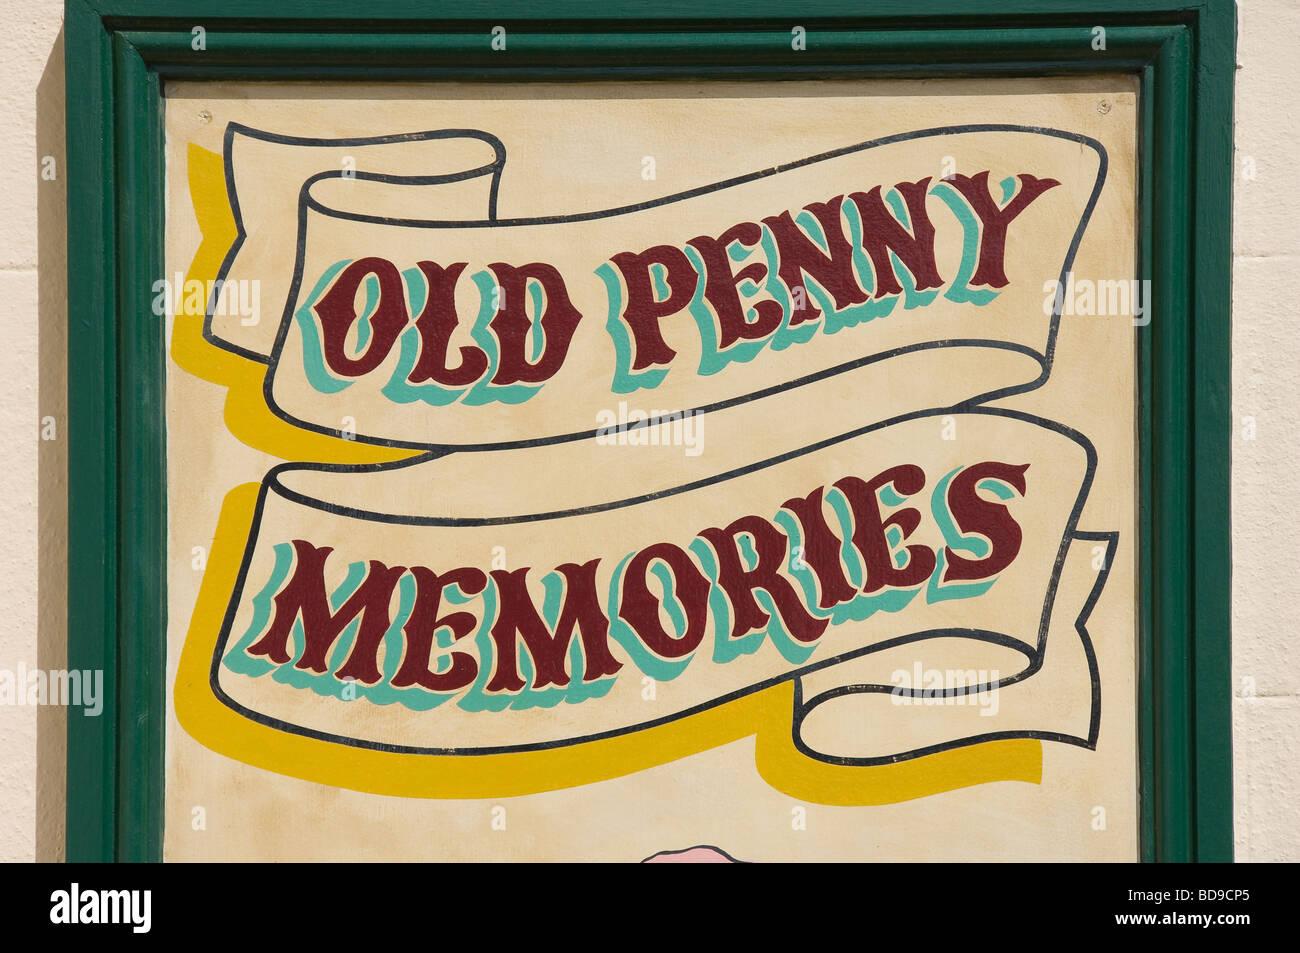 Vieux souvenirs penny enseigne à l'extérieur un musée Bridlington East Yorkshire England UK Royaume Photo Stock